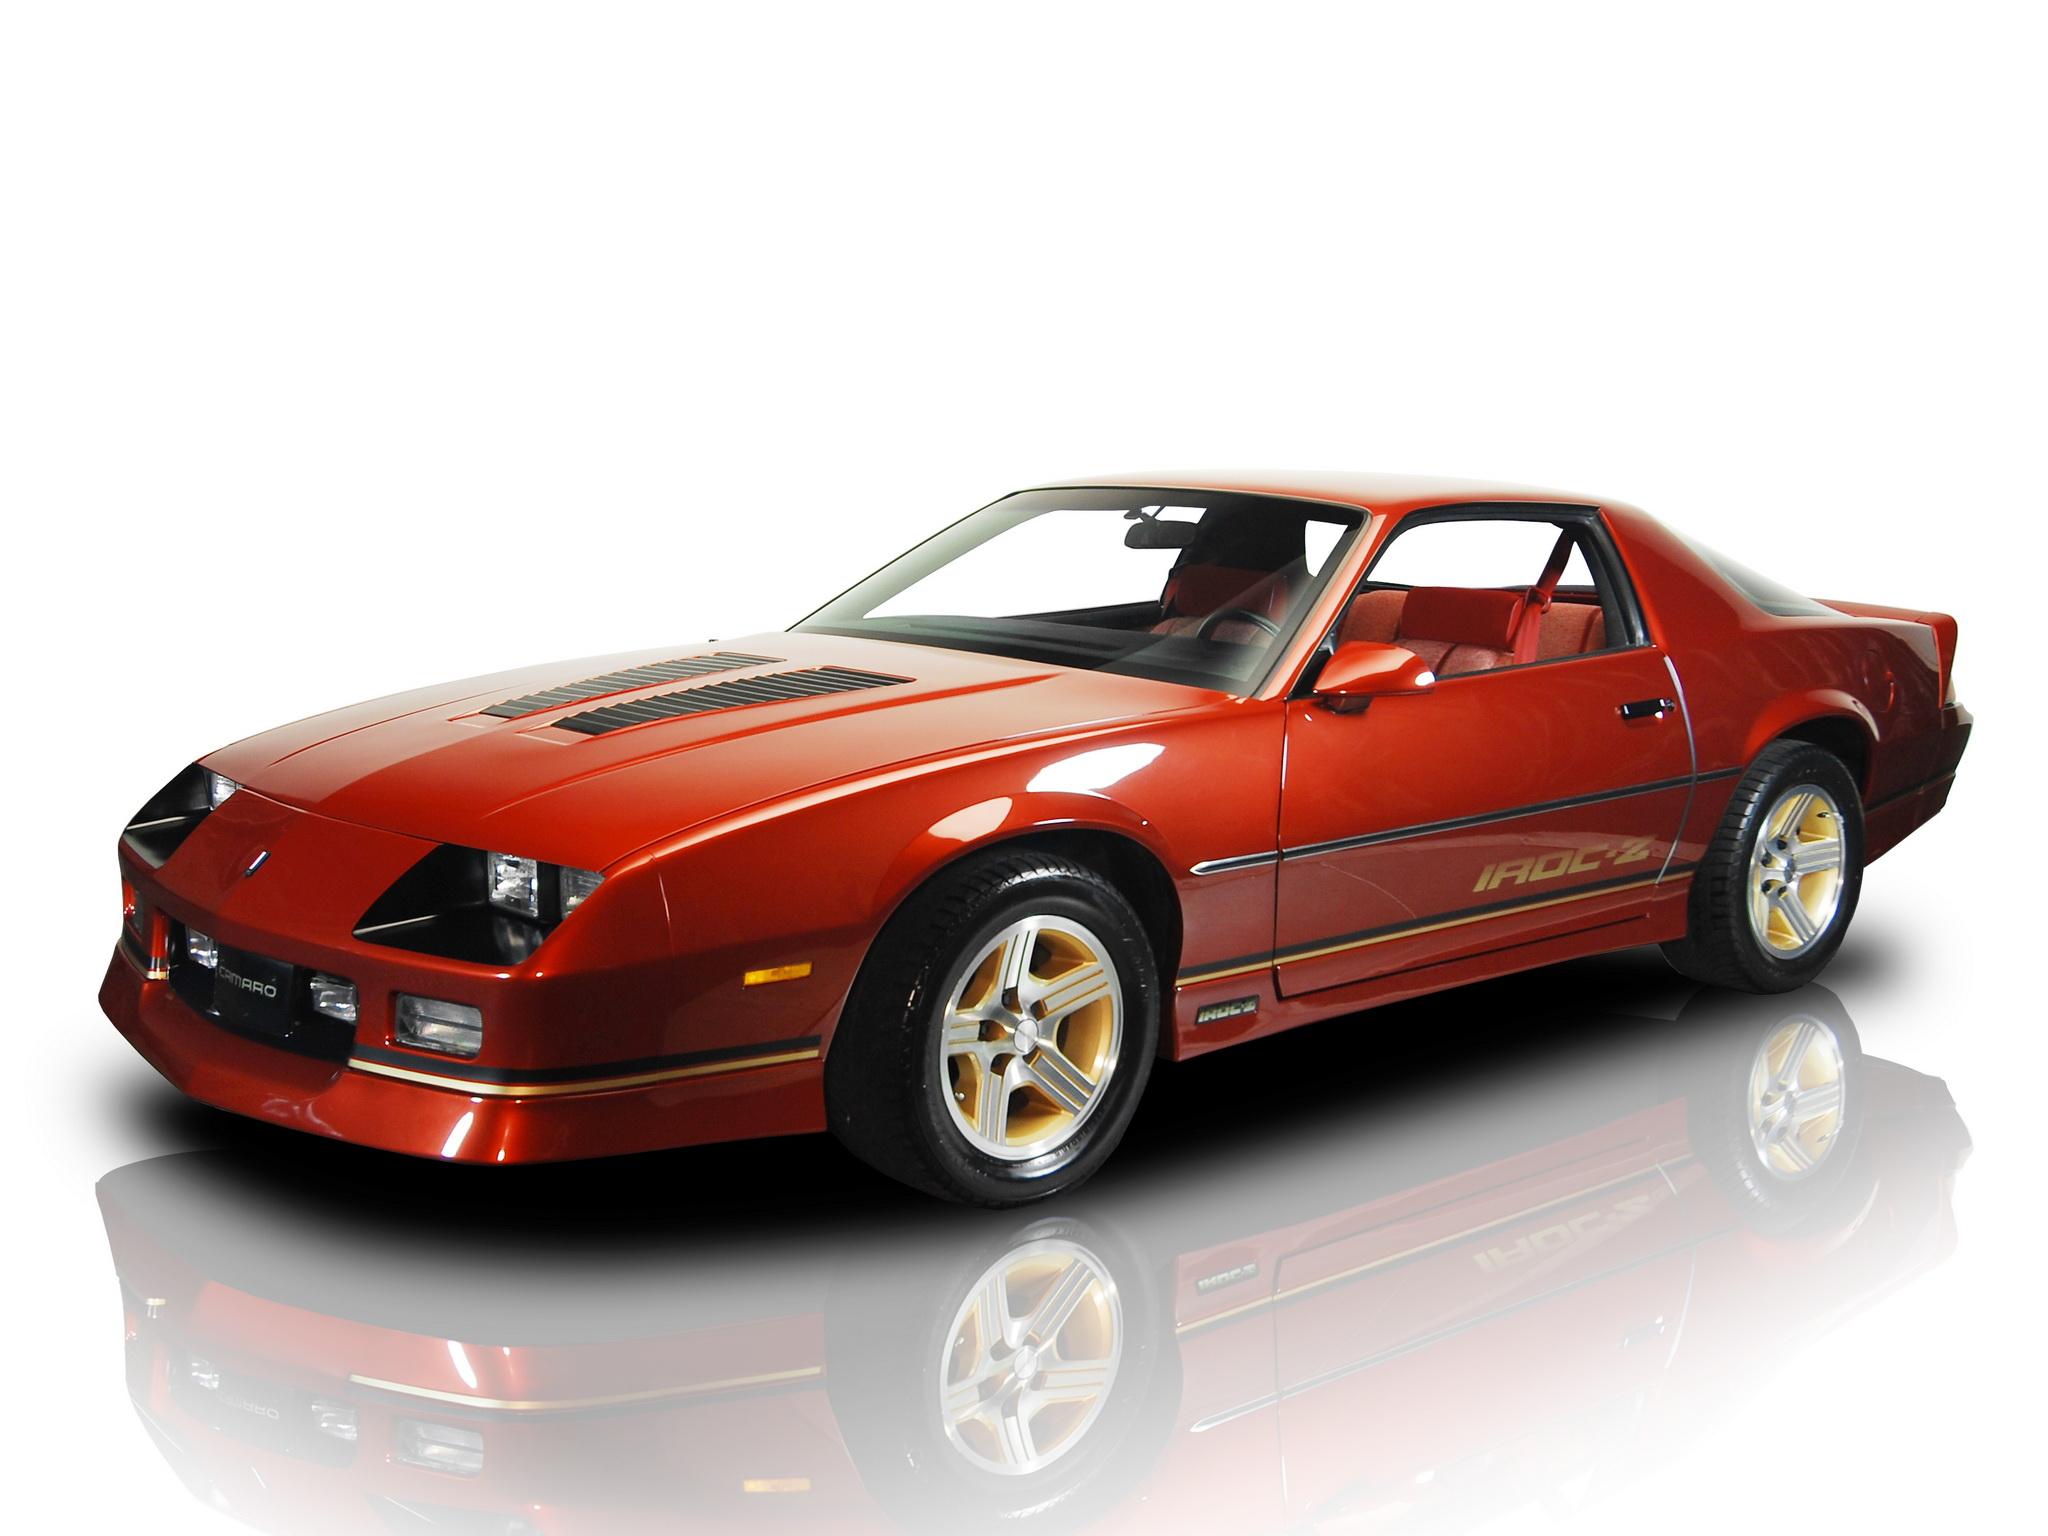 198890 Chevrolet Camaro IROC Z FP 87 2048x1536